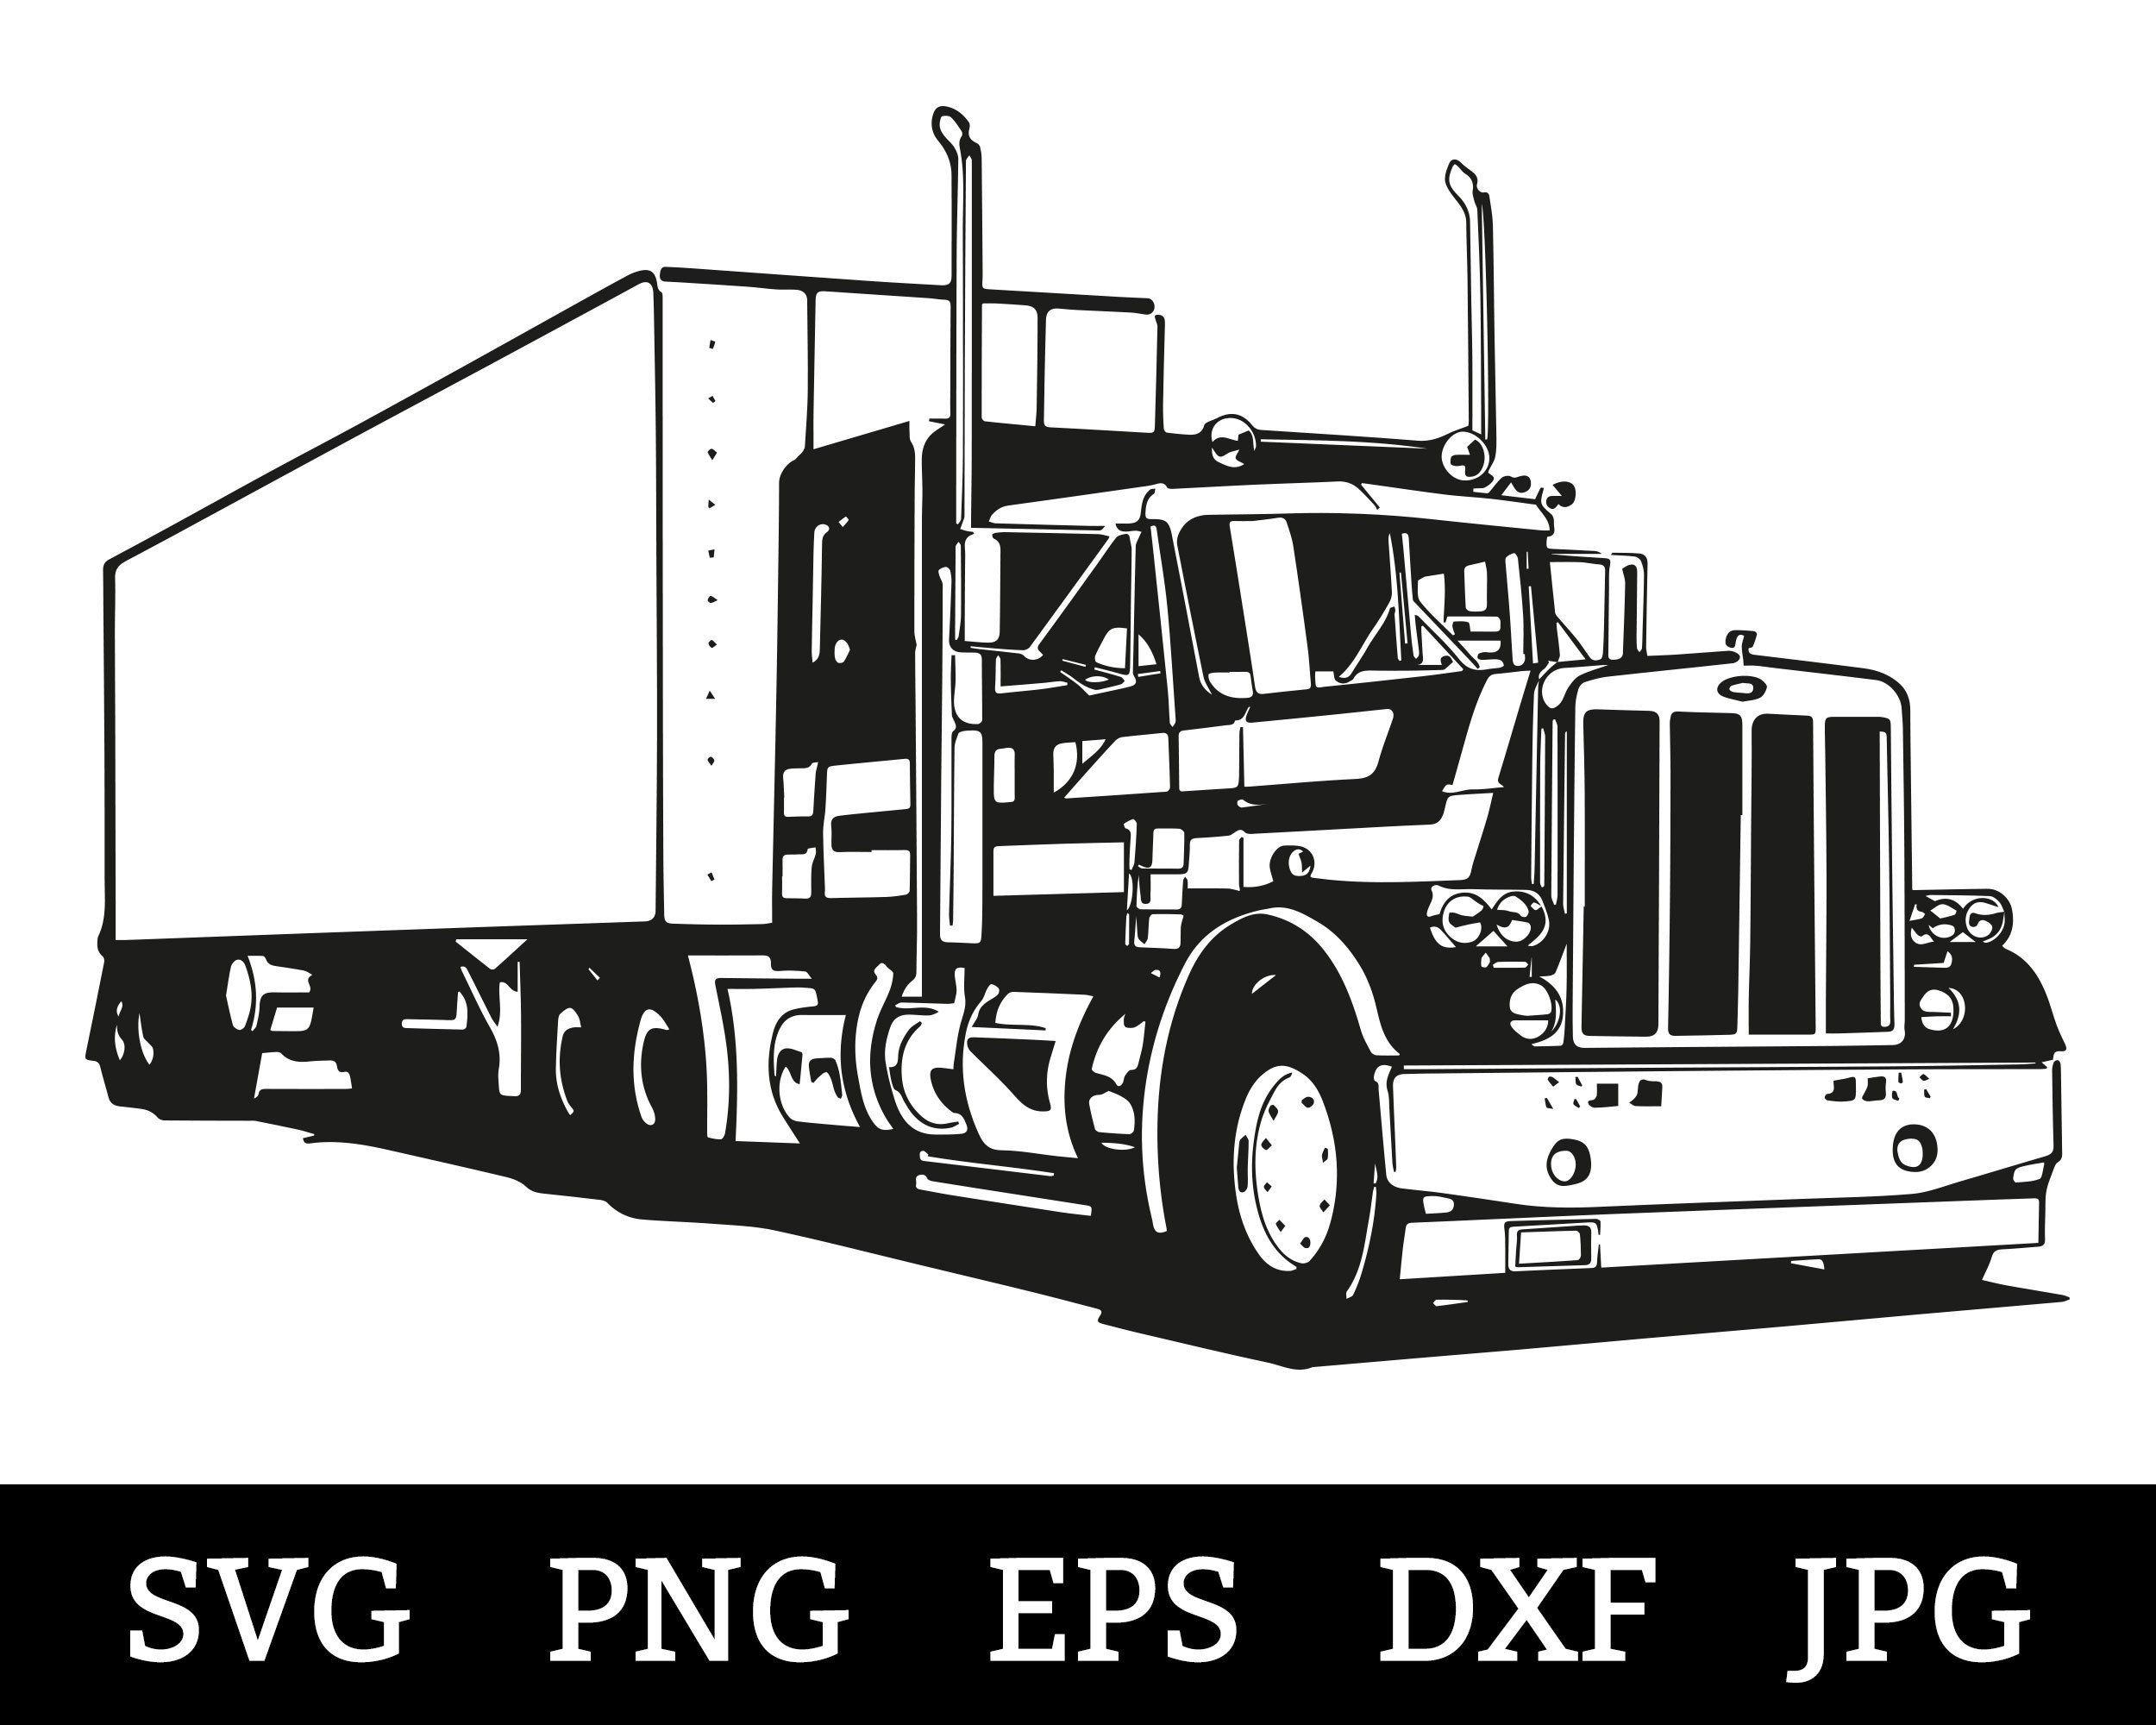 Semi Truck Svg Files For Cricut Vector Images Silhouette Mack Etsy Heavy Truck Trucks Diesel Trucks